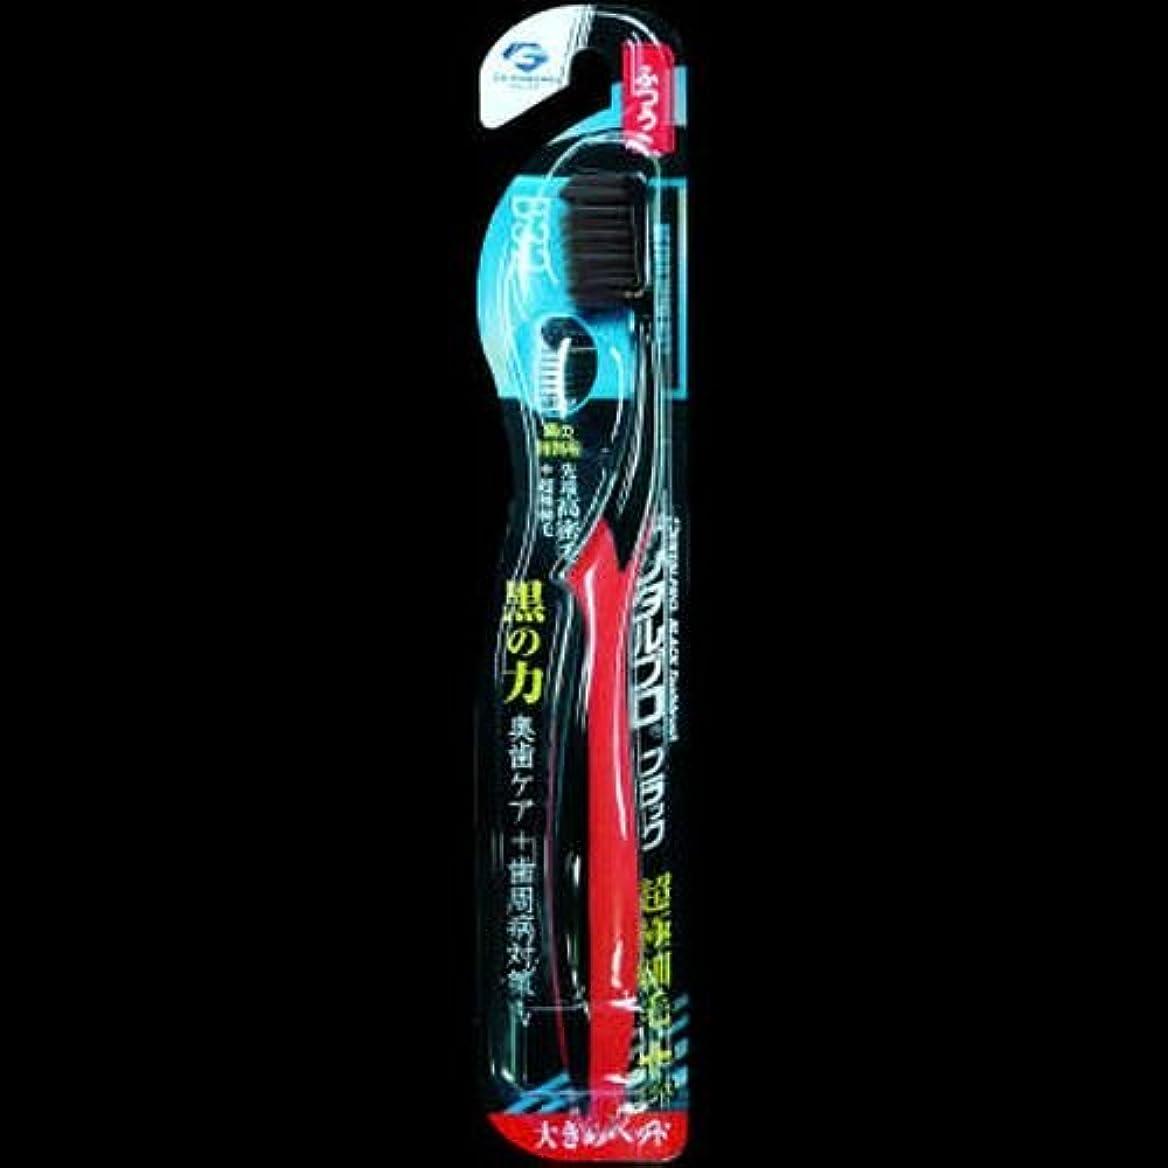 ブル信条覗くデンタルプロ ブラック歯ブラシ 超極細毛プラス大きめヘッド ふつう ×2セット